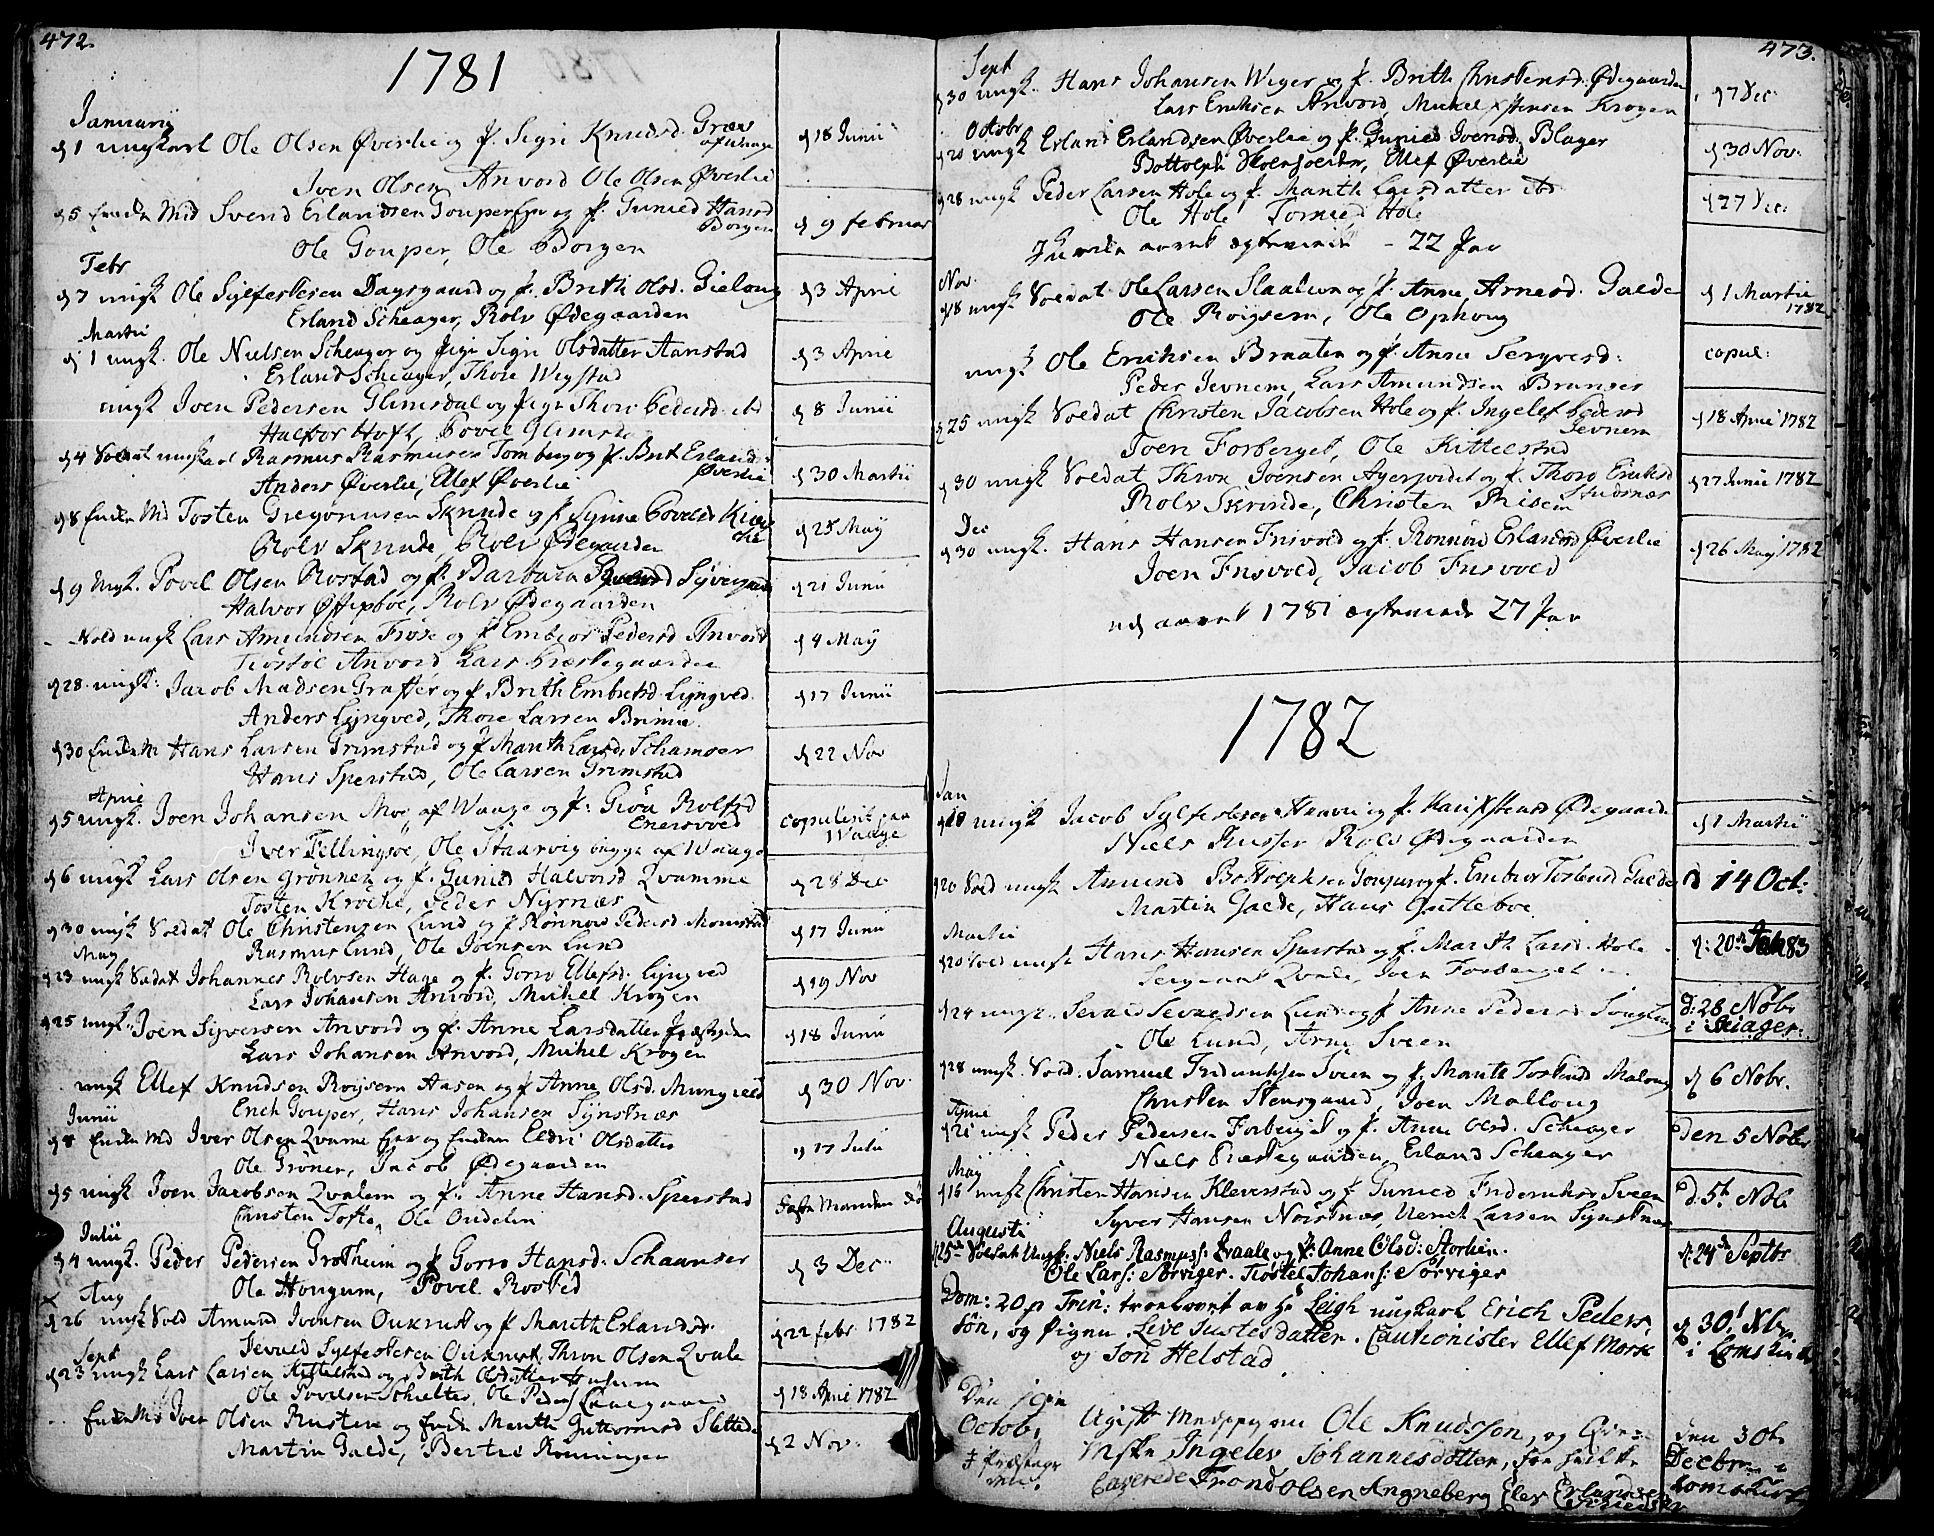 SAH, Lom prestekontor, K/L0002: Ministerialbok nr. 2, 1749-1801, s. 472-473